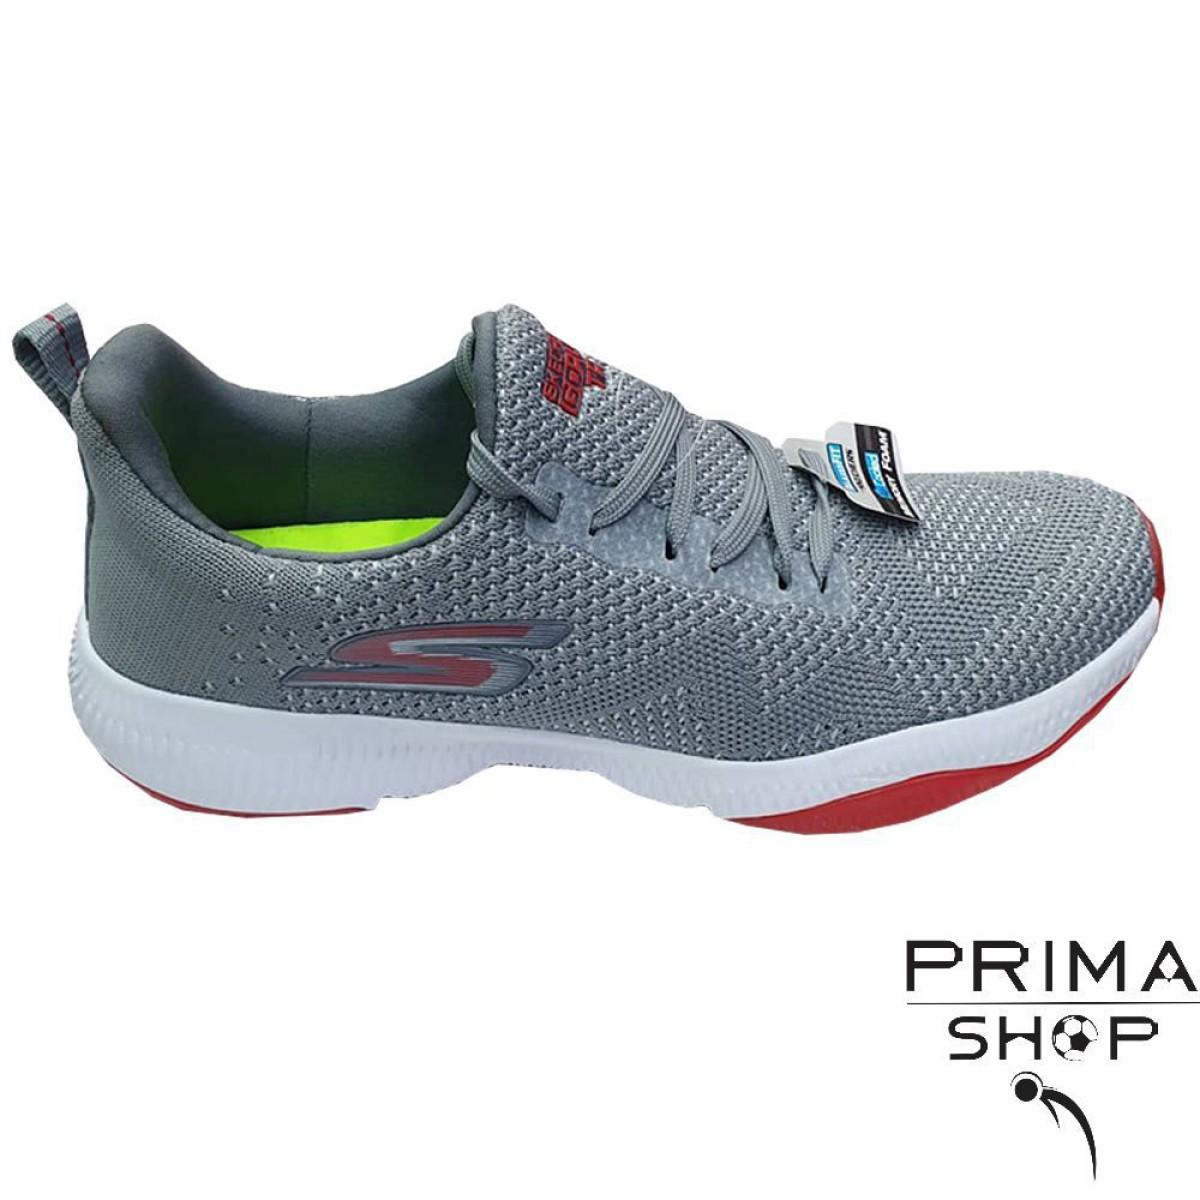 کفش اسکیچرز مردانه کد 03 (های کپی)